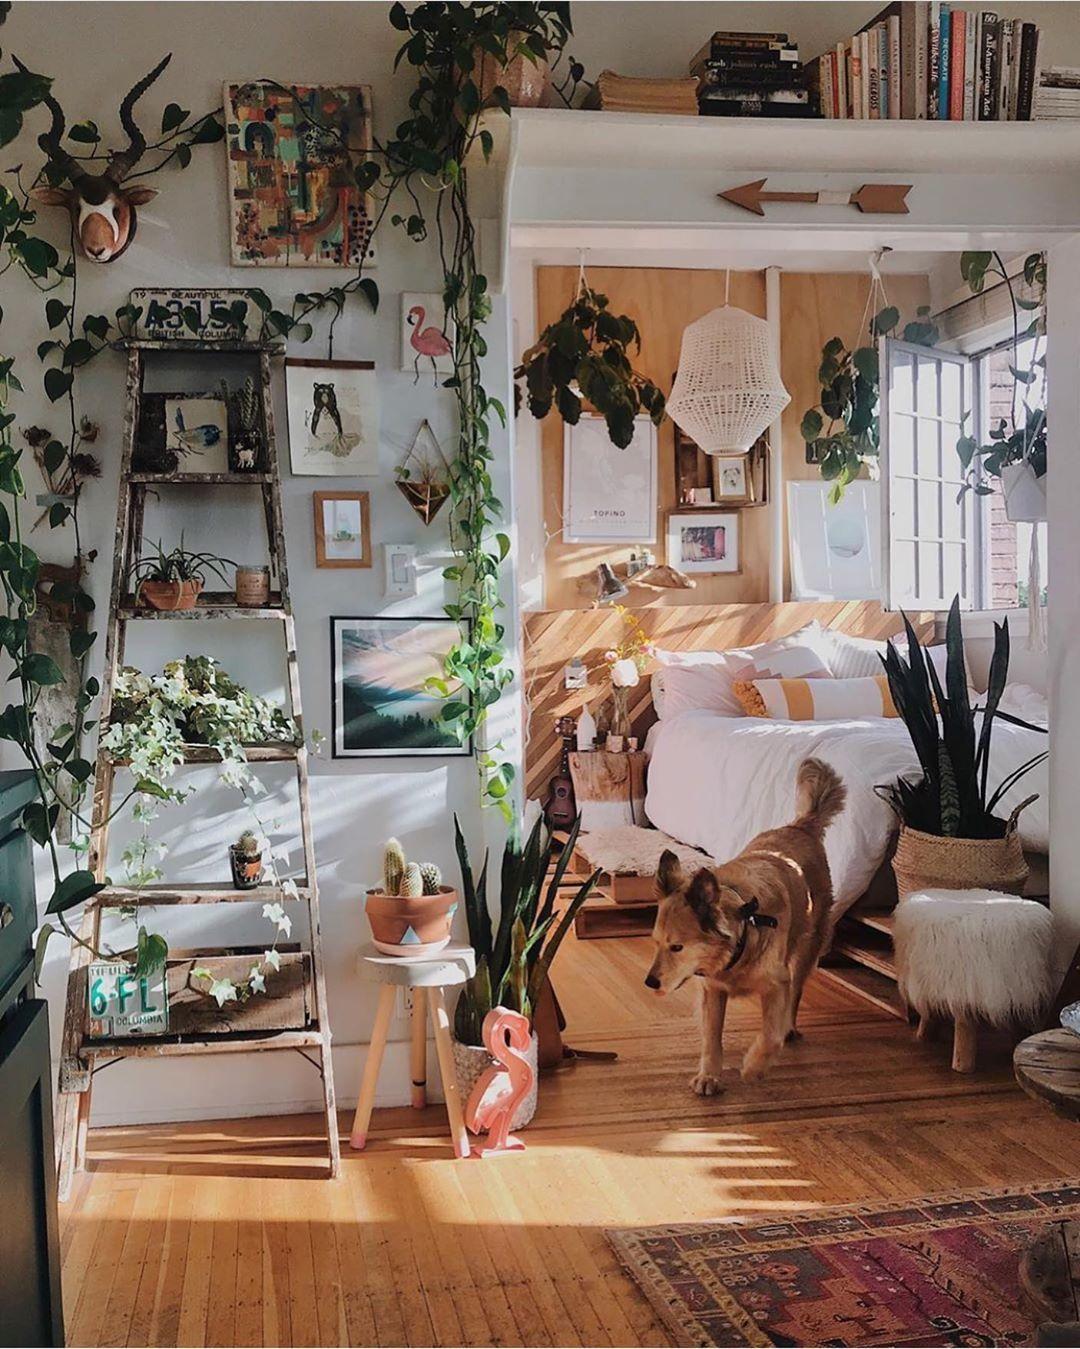 Time For A Sundowner In The Urban Jungle By Brittanyshmyr Urbanjunglebloggers Home Decor Apartment Decor Room Decor Urban jungle bedroom ideas